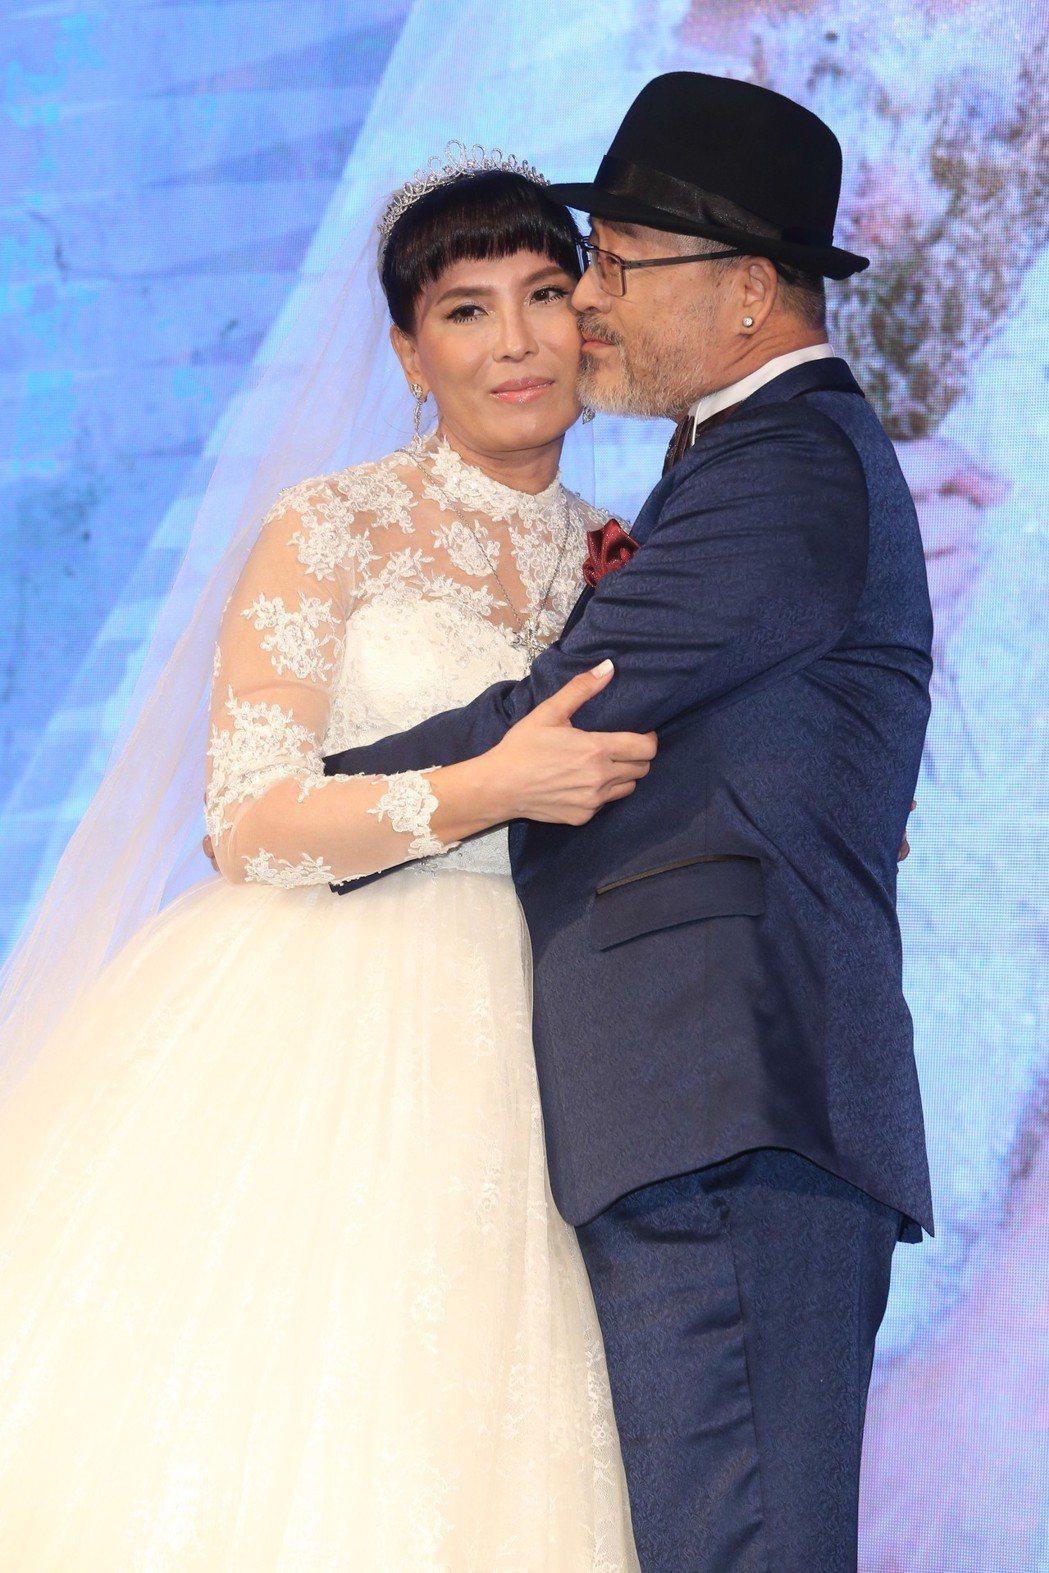 資深演員班鐵翔(右)與Celine(左)今天在台北典華舉行婚宴。記者葉信菉/攝影